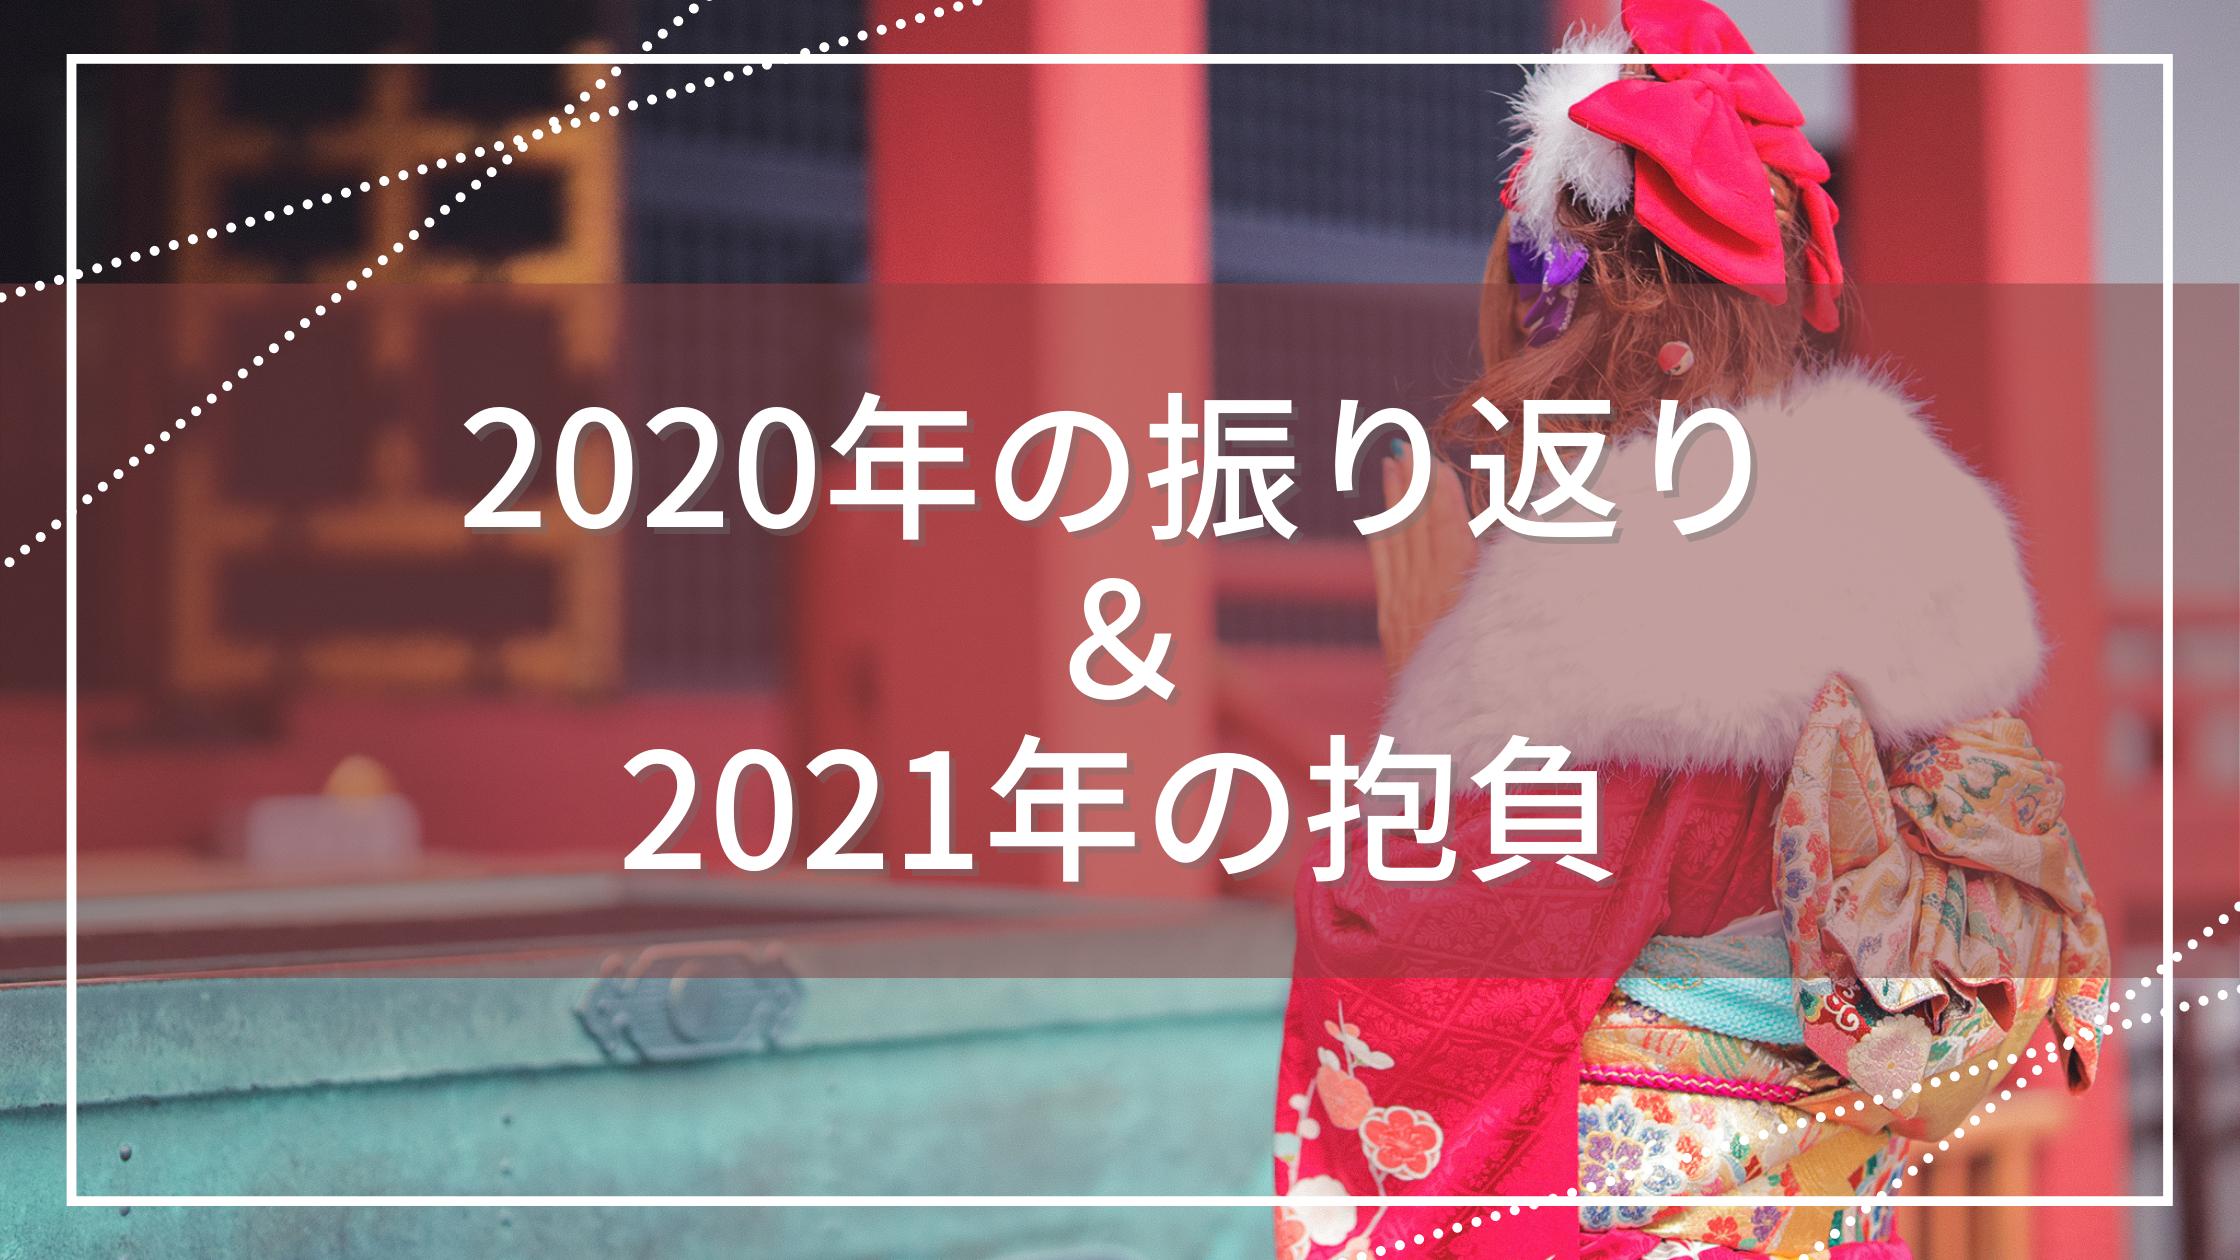 2020年の振り返り&2021年の目標